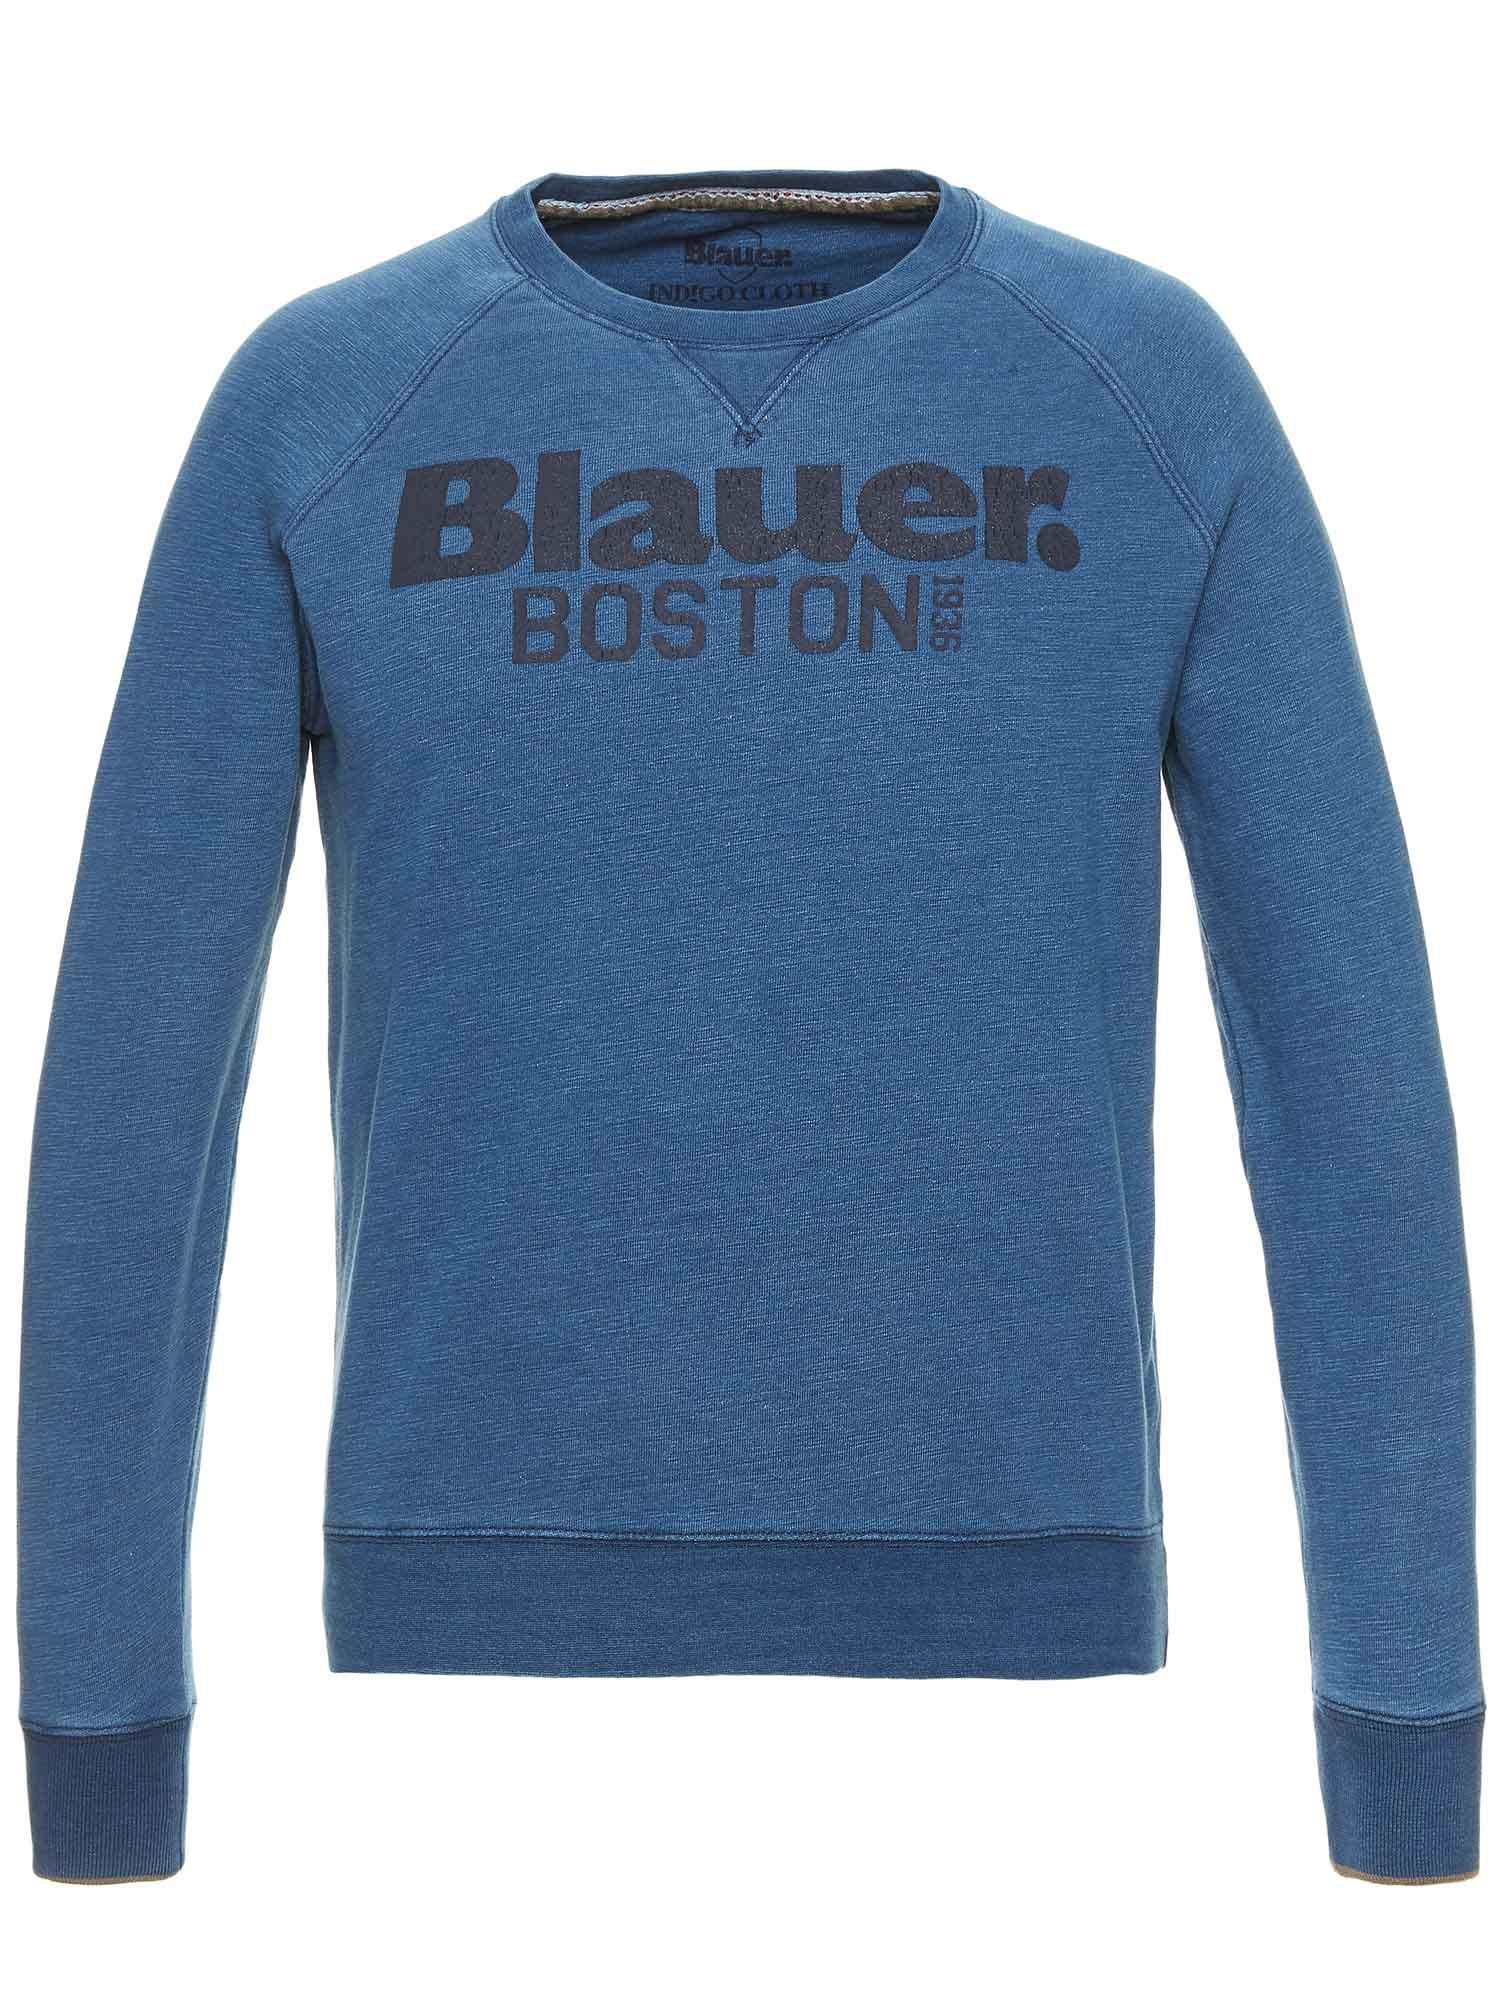 RUNDHALS-SWEATSHIRT BOSTON 1936 - Blue Thames - Blauer